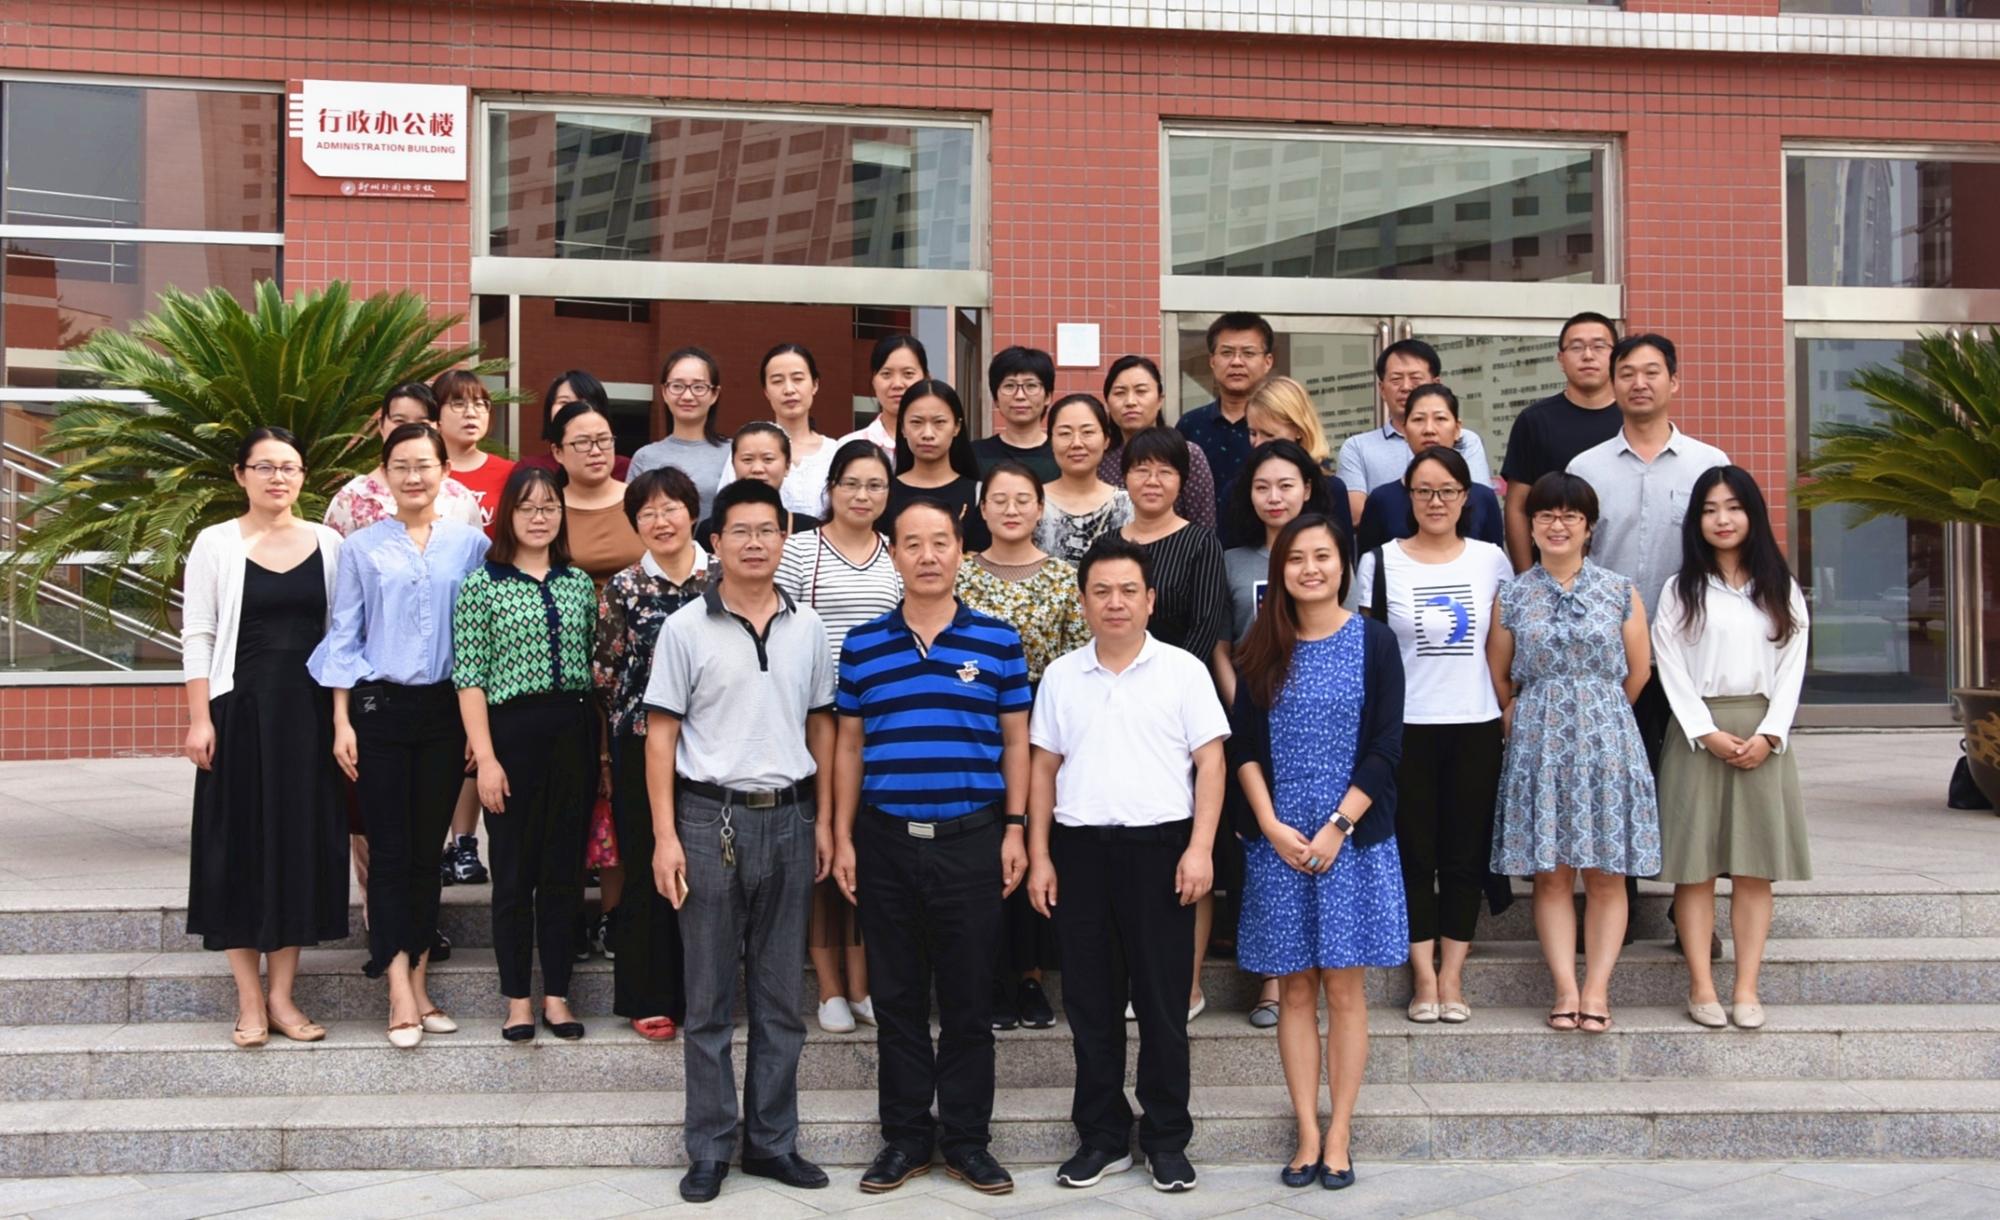 DSC 0239 - 郑州市2018年高中英语骨干教师高级研修班培训正式启动